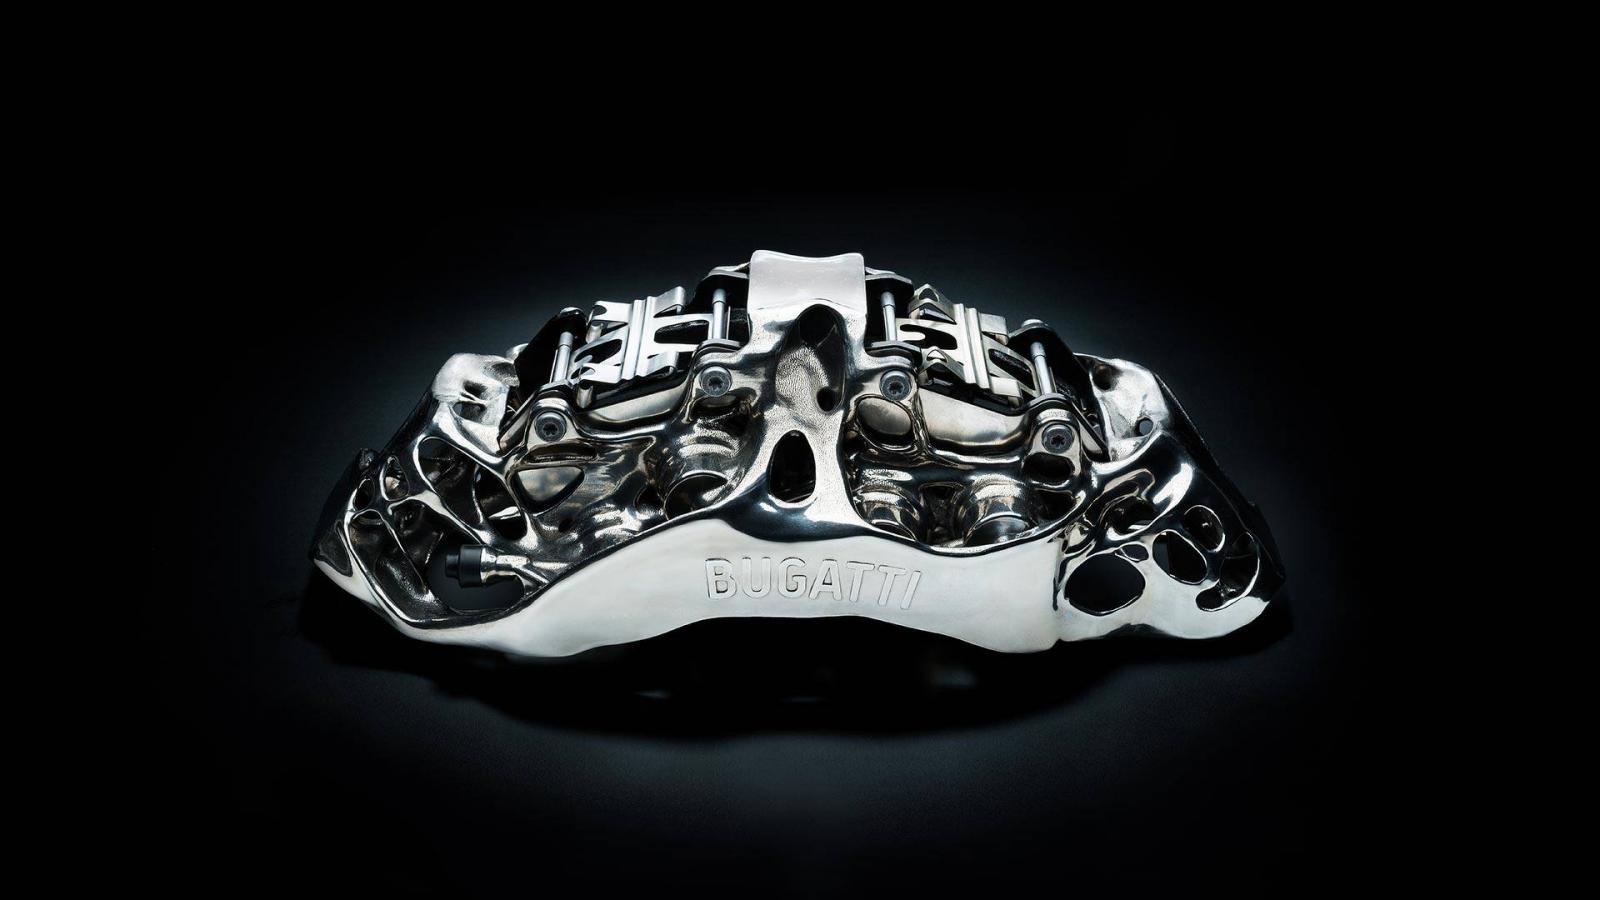 Cùm phanh in 3D của siêu xe Bugatti Chiron